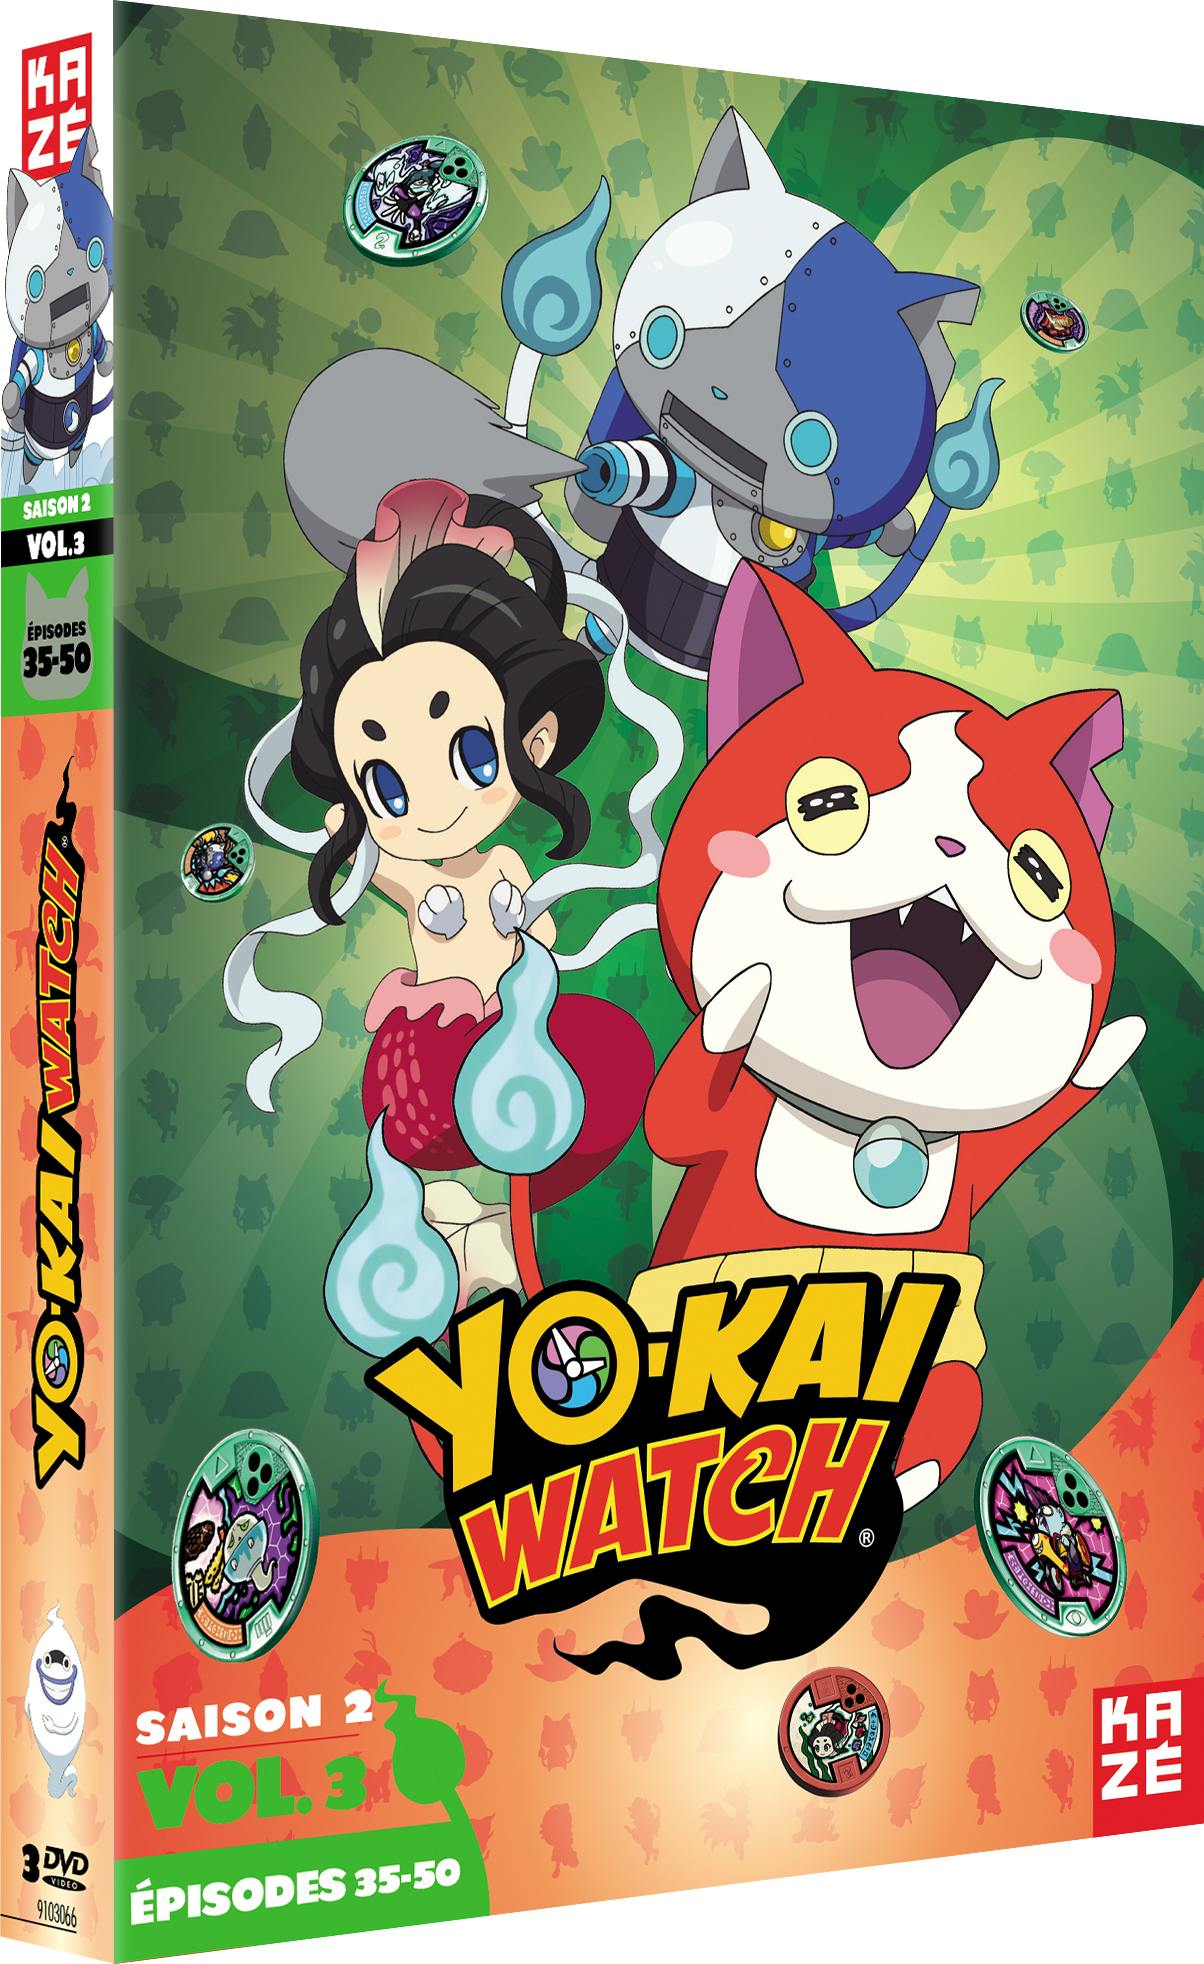 Yo-kai watch - saison 2 - partie 3 sur 3 - 3 dvd